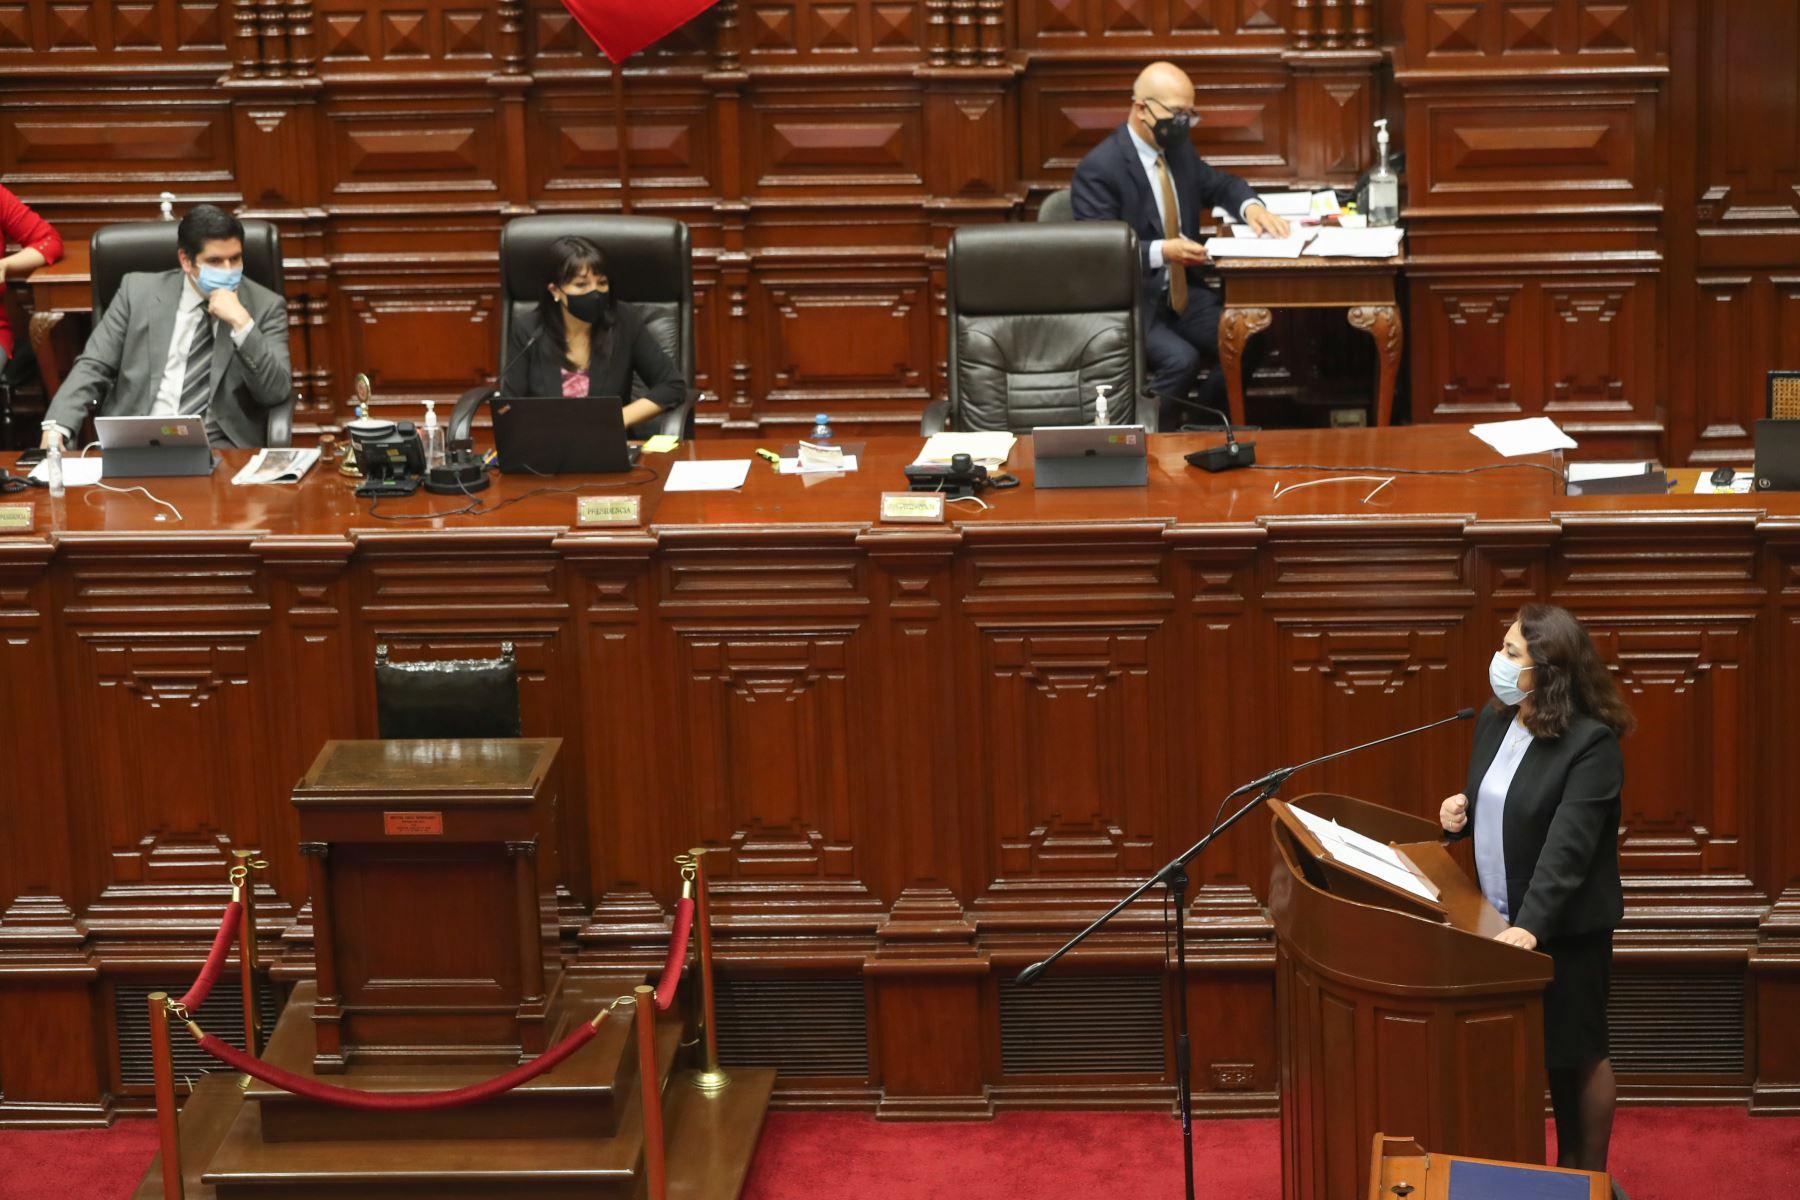 La titular de la Presidencia del Consejo de Ministros, Violeta Bermúdez Valdivia, inició su exposición ante el Pleno Virtual en cumplimiento del artículo 130 de la constitución política. Foto: PCM